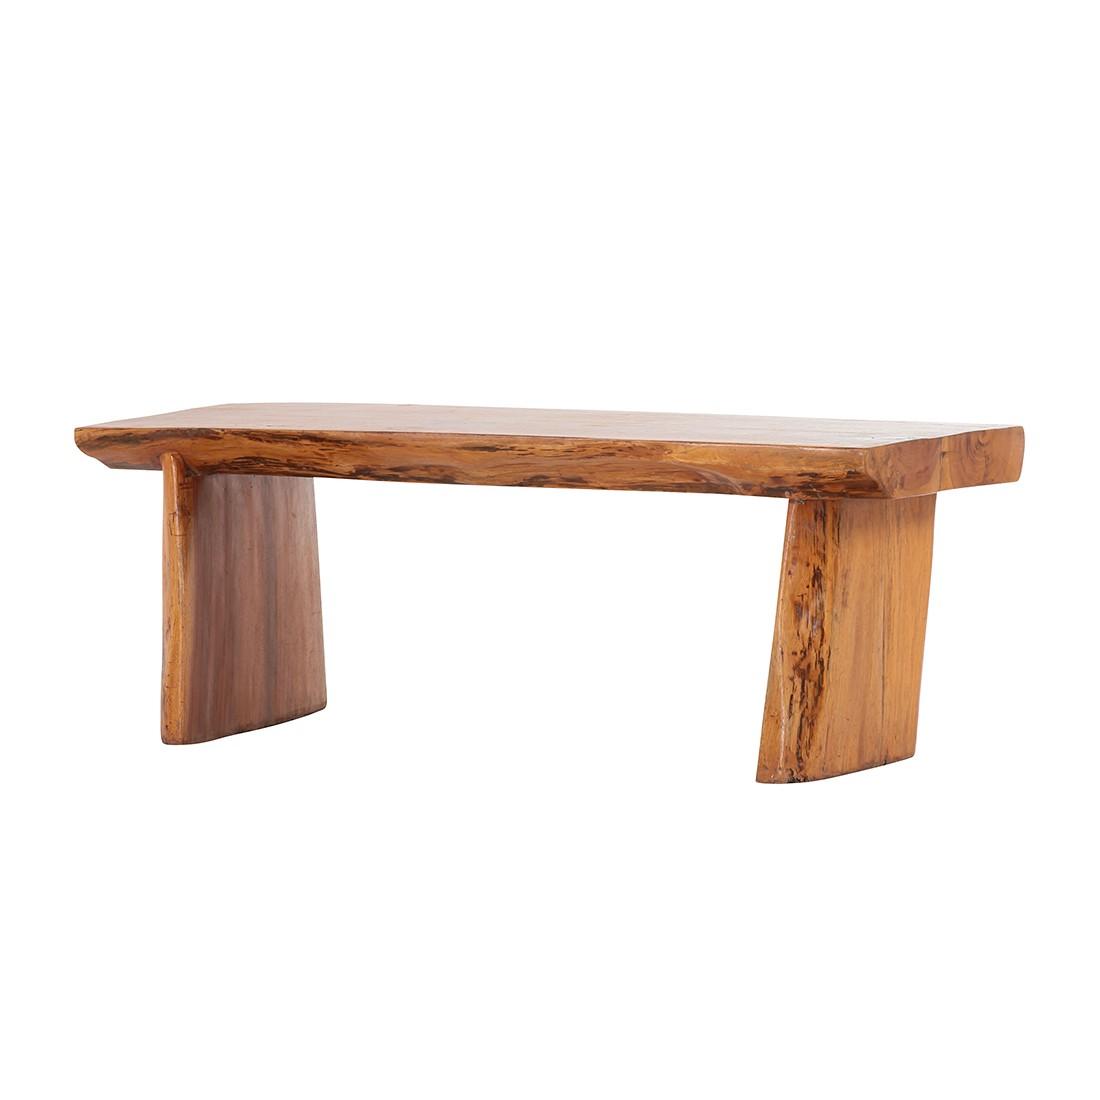 Table basse tenby suar massif ars manufacti par ars for Table basse chez but